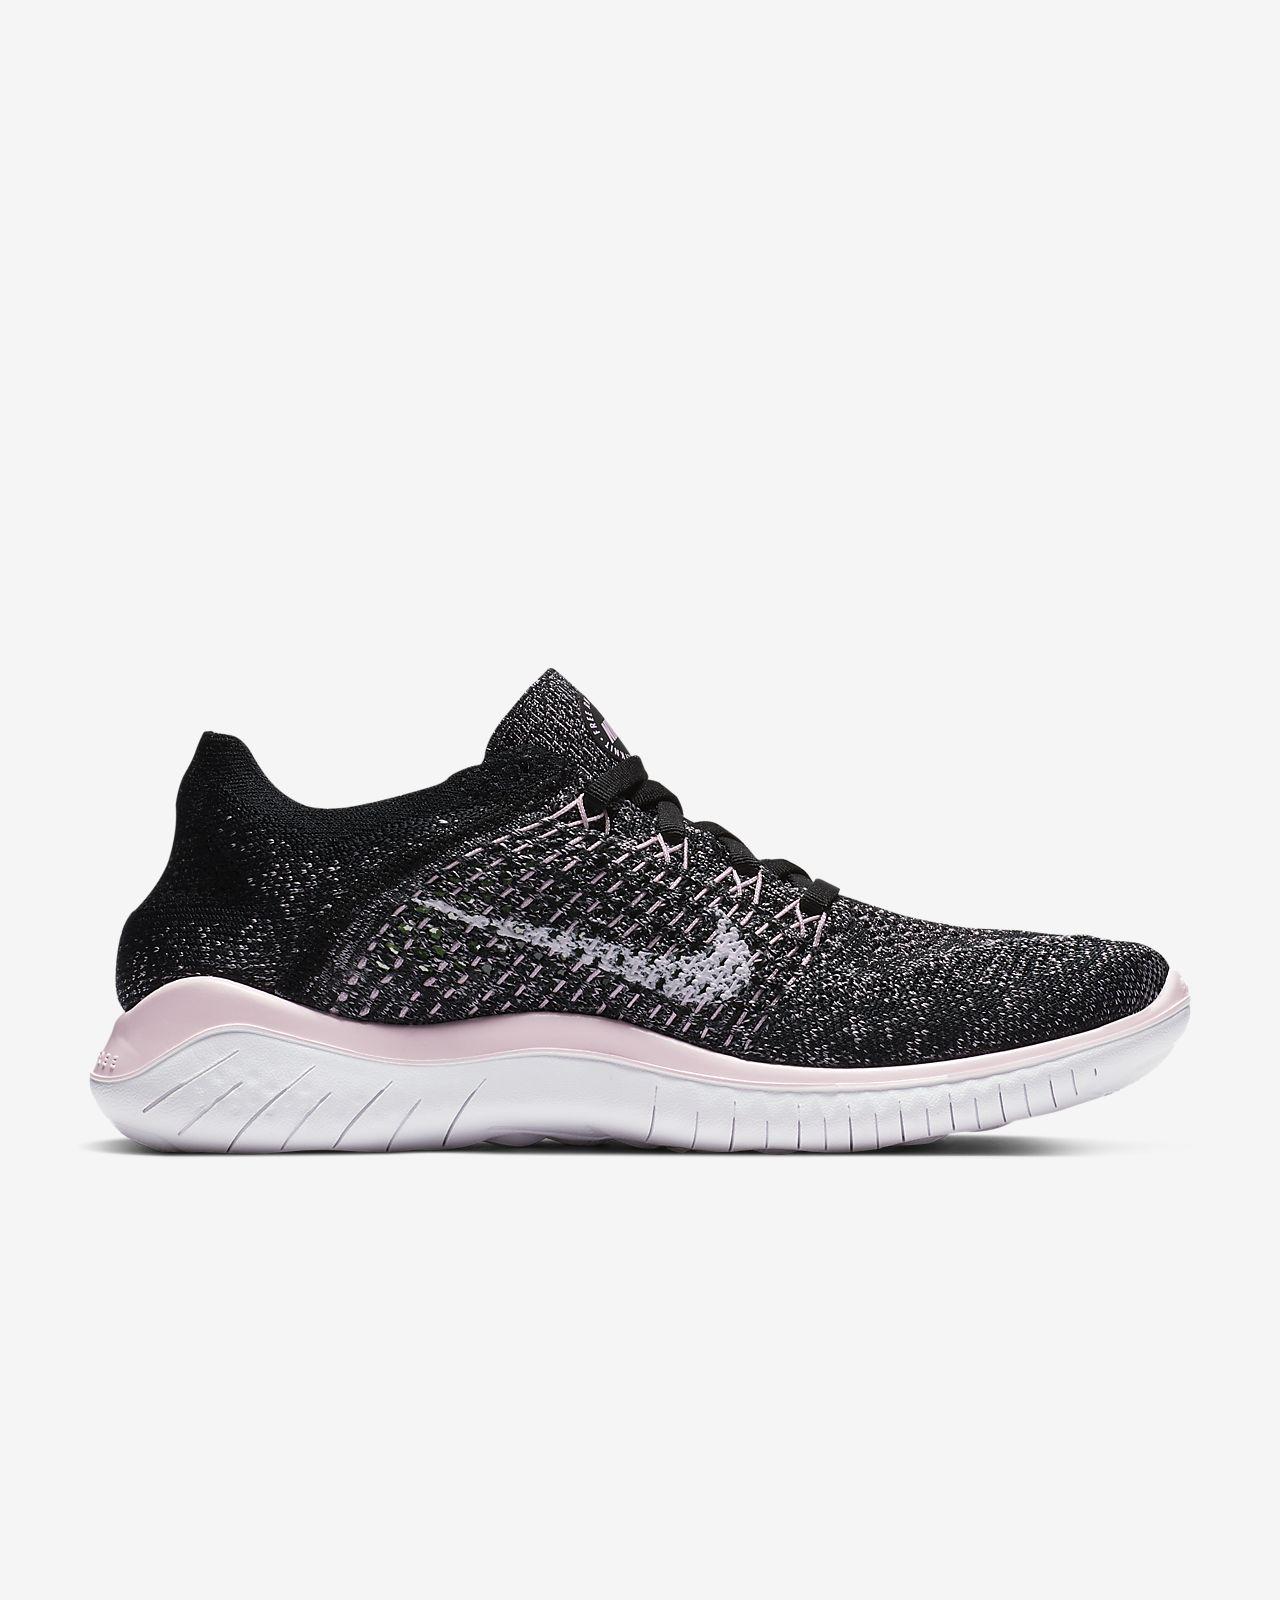 best service 3bfbd ef787 ... Nike Free RN Flyknit 2018 Women s Running Shoe